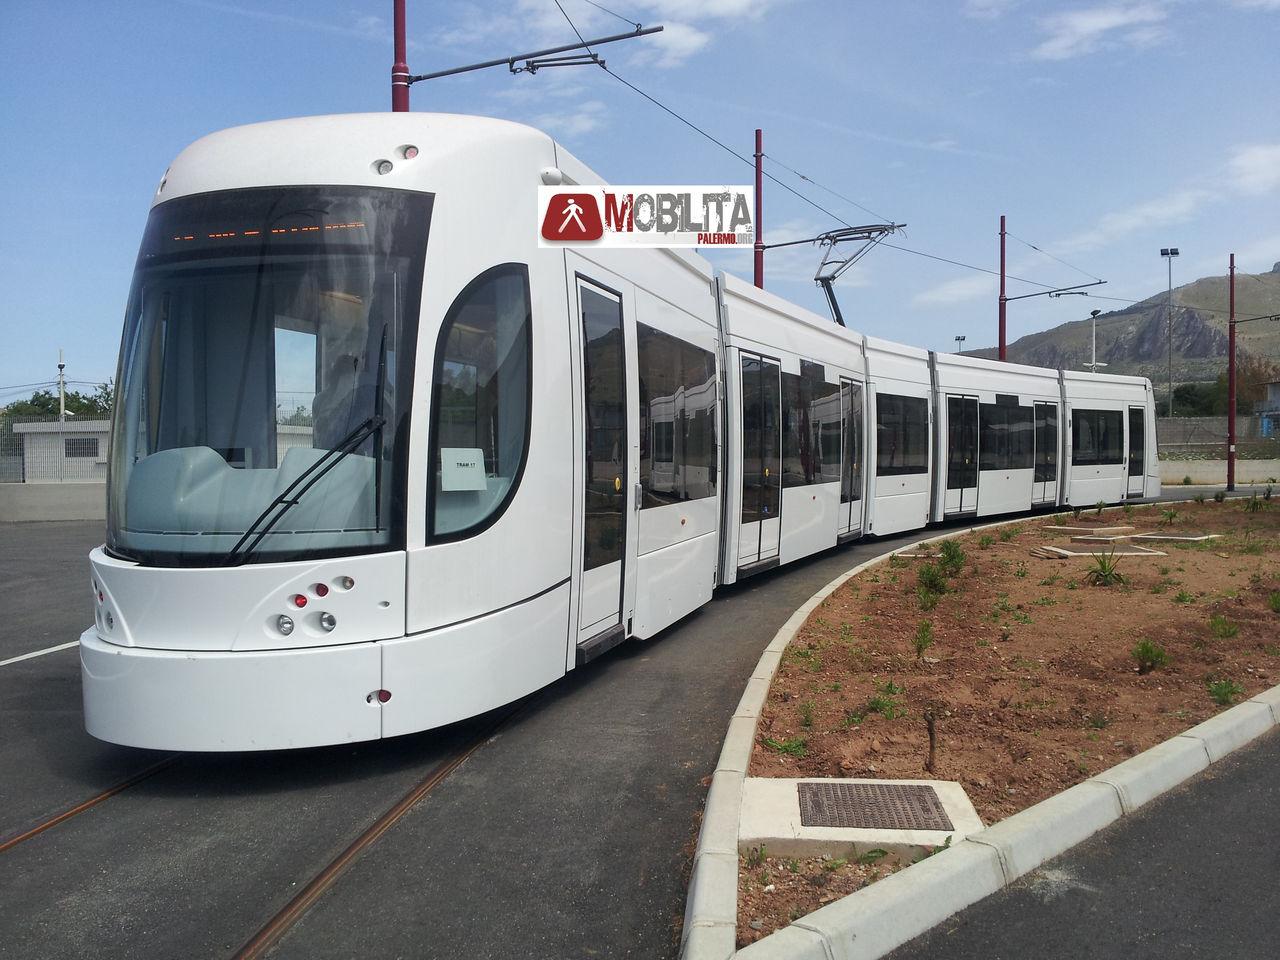 E il tram arriv in via ernesto basile mobilita palermo for Mobilita palermo